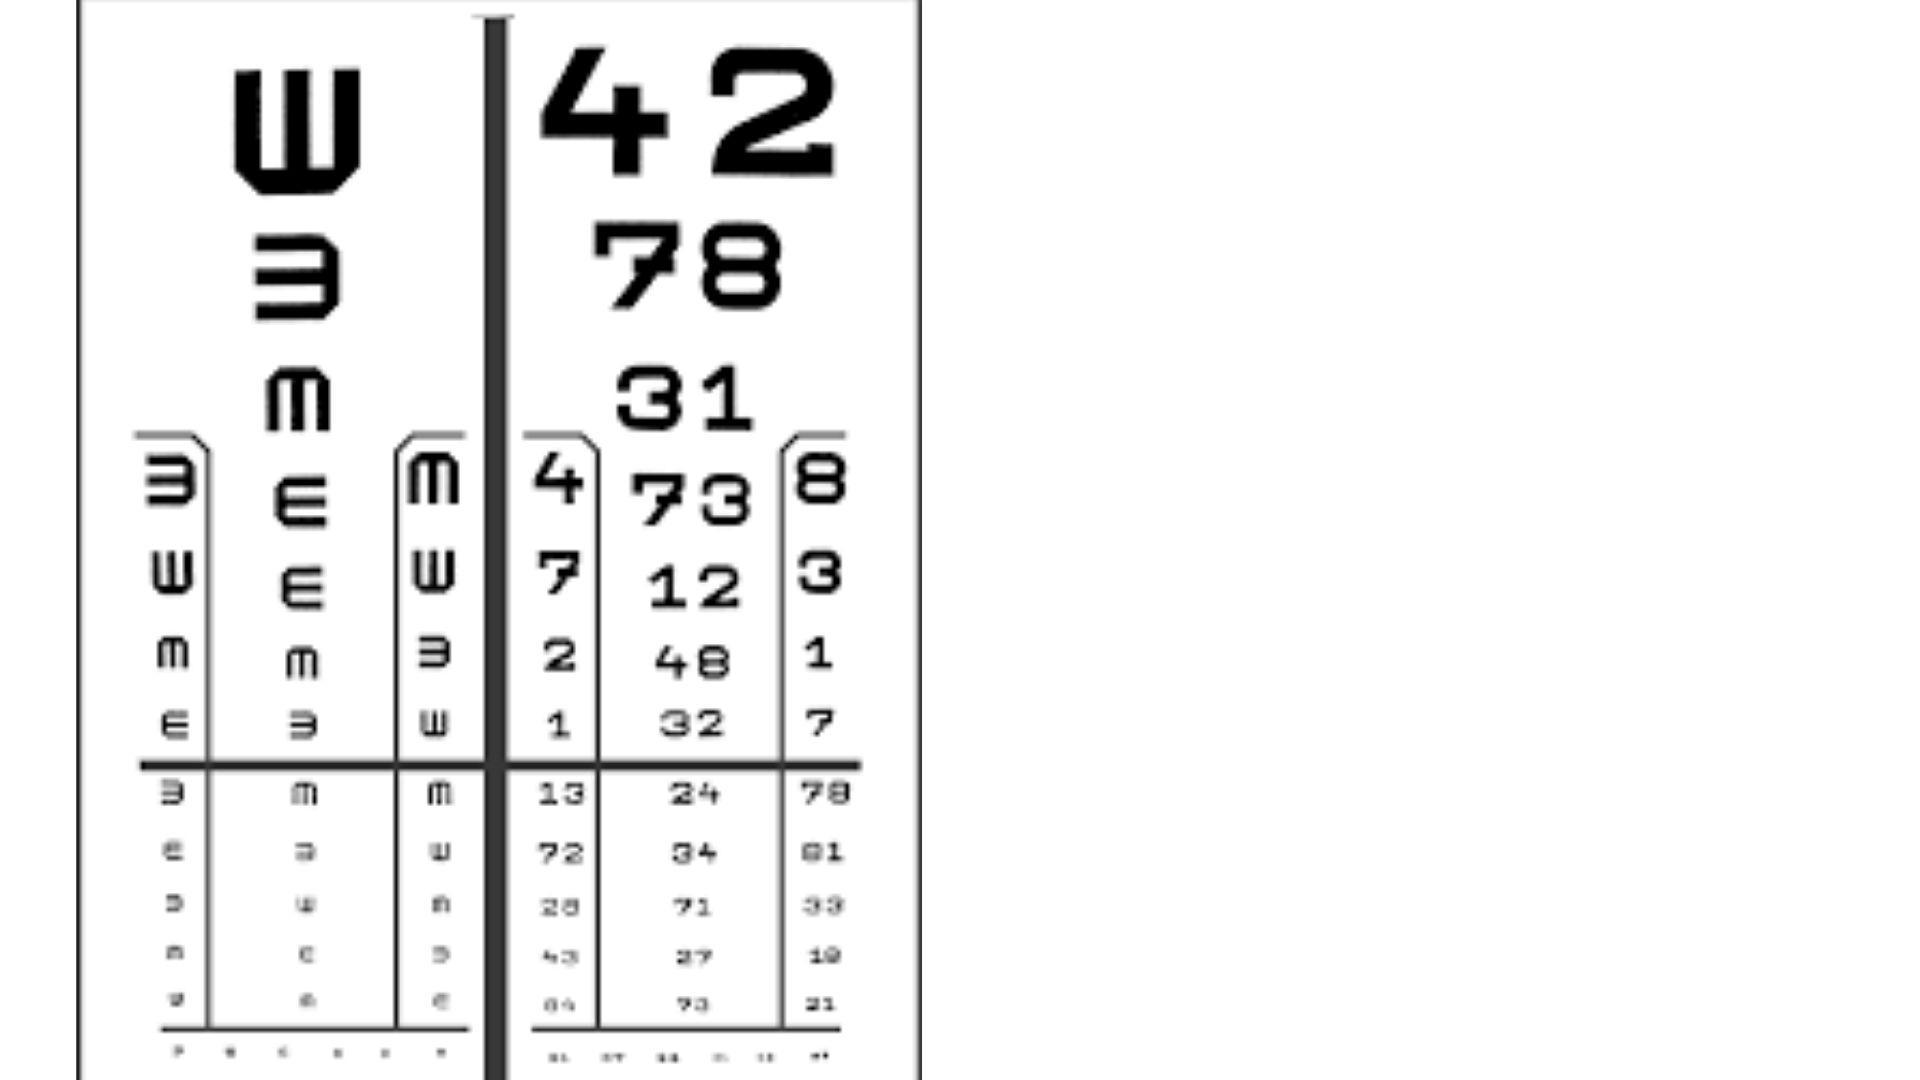 Okula Optika - Szemvizsgálat üzleteinkben